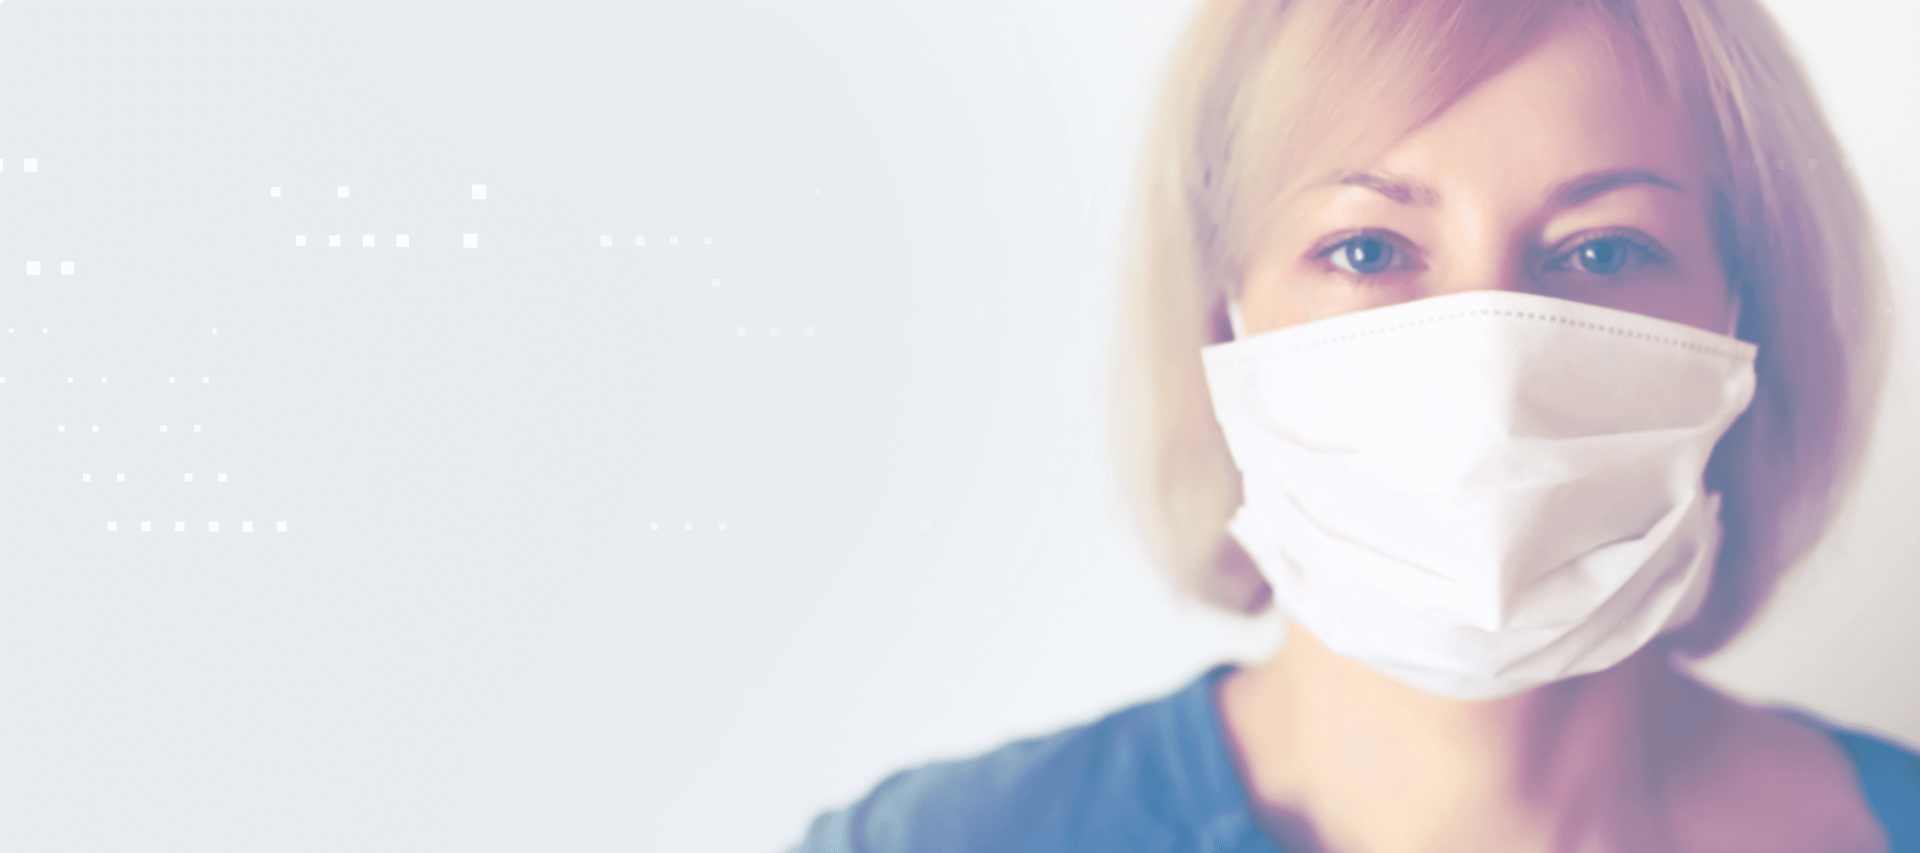 Podejrzenie zakażenia koronawirusem SARS-CoV-2